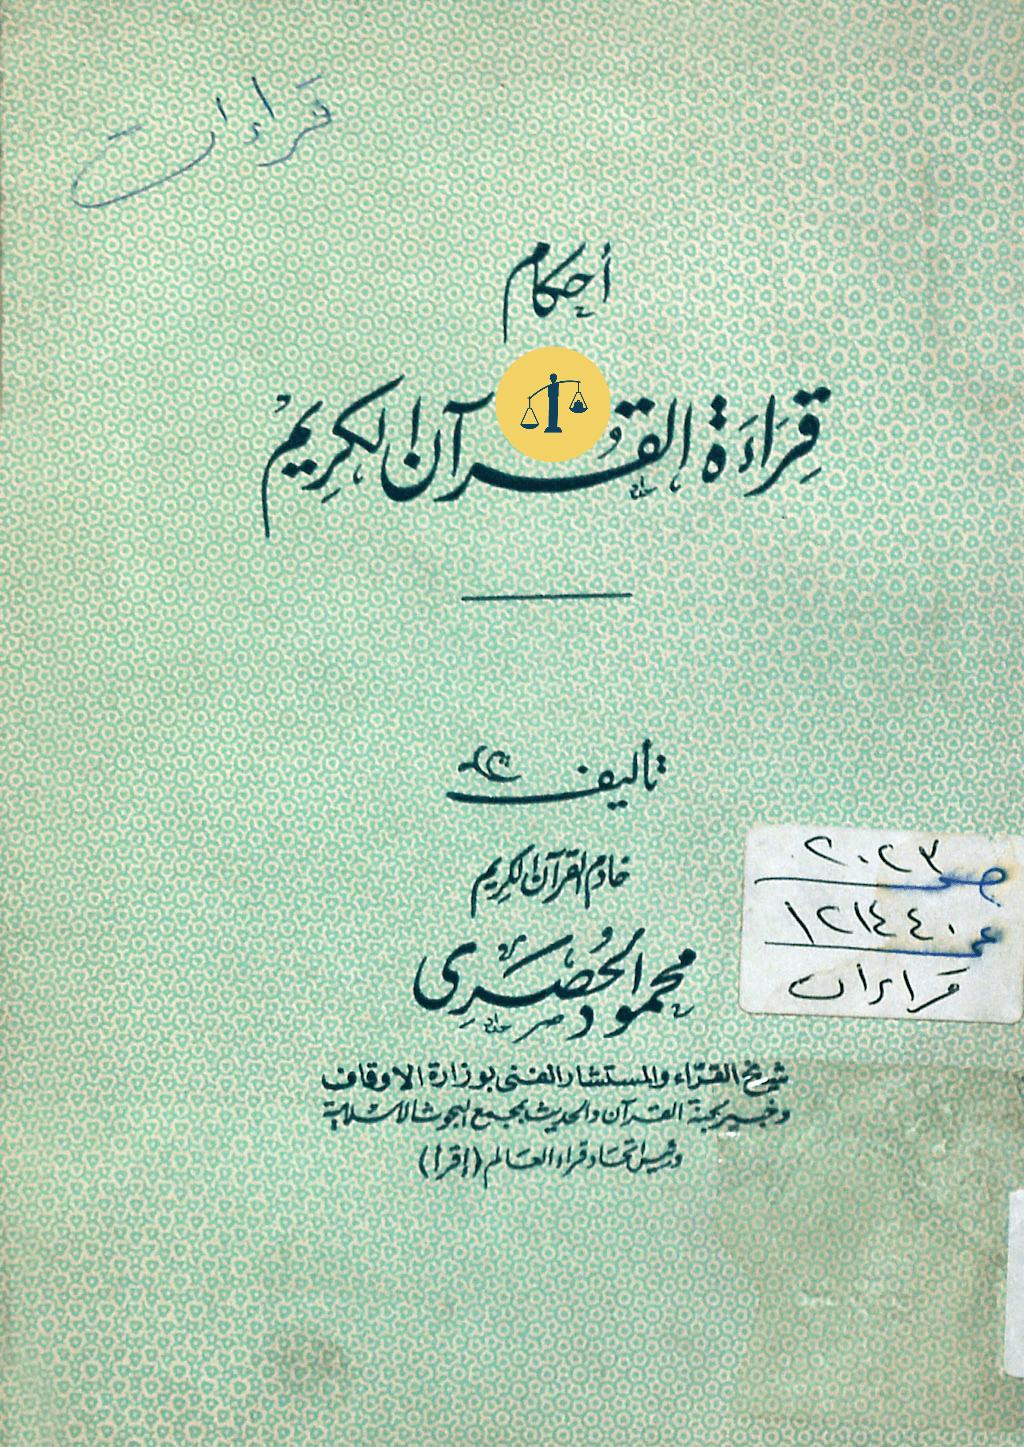 غلاف الطبعة الأولى من كتاب أحكام قراءة القرآن لـ الحصري